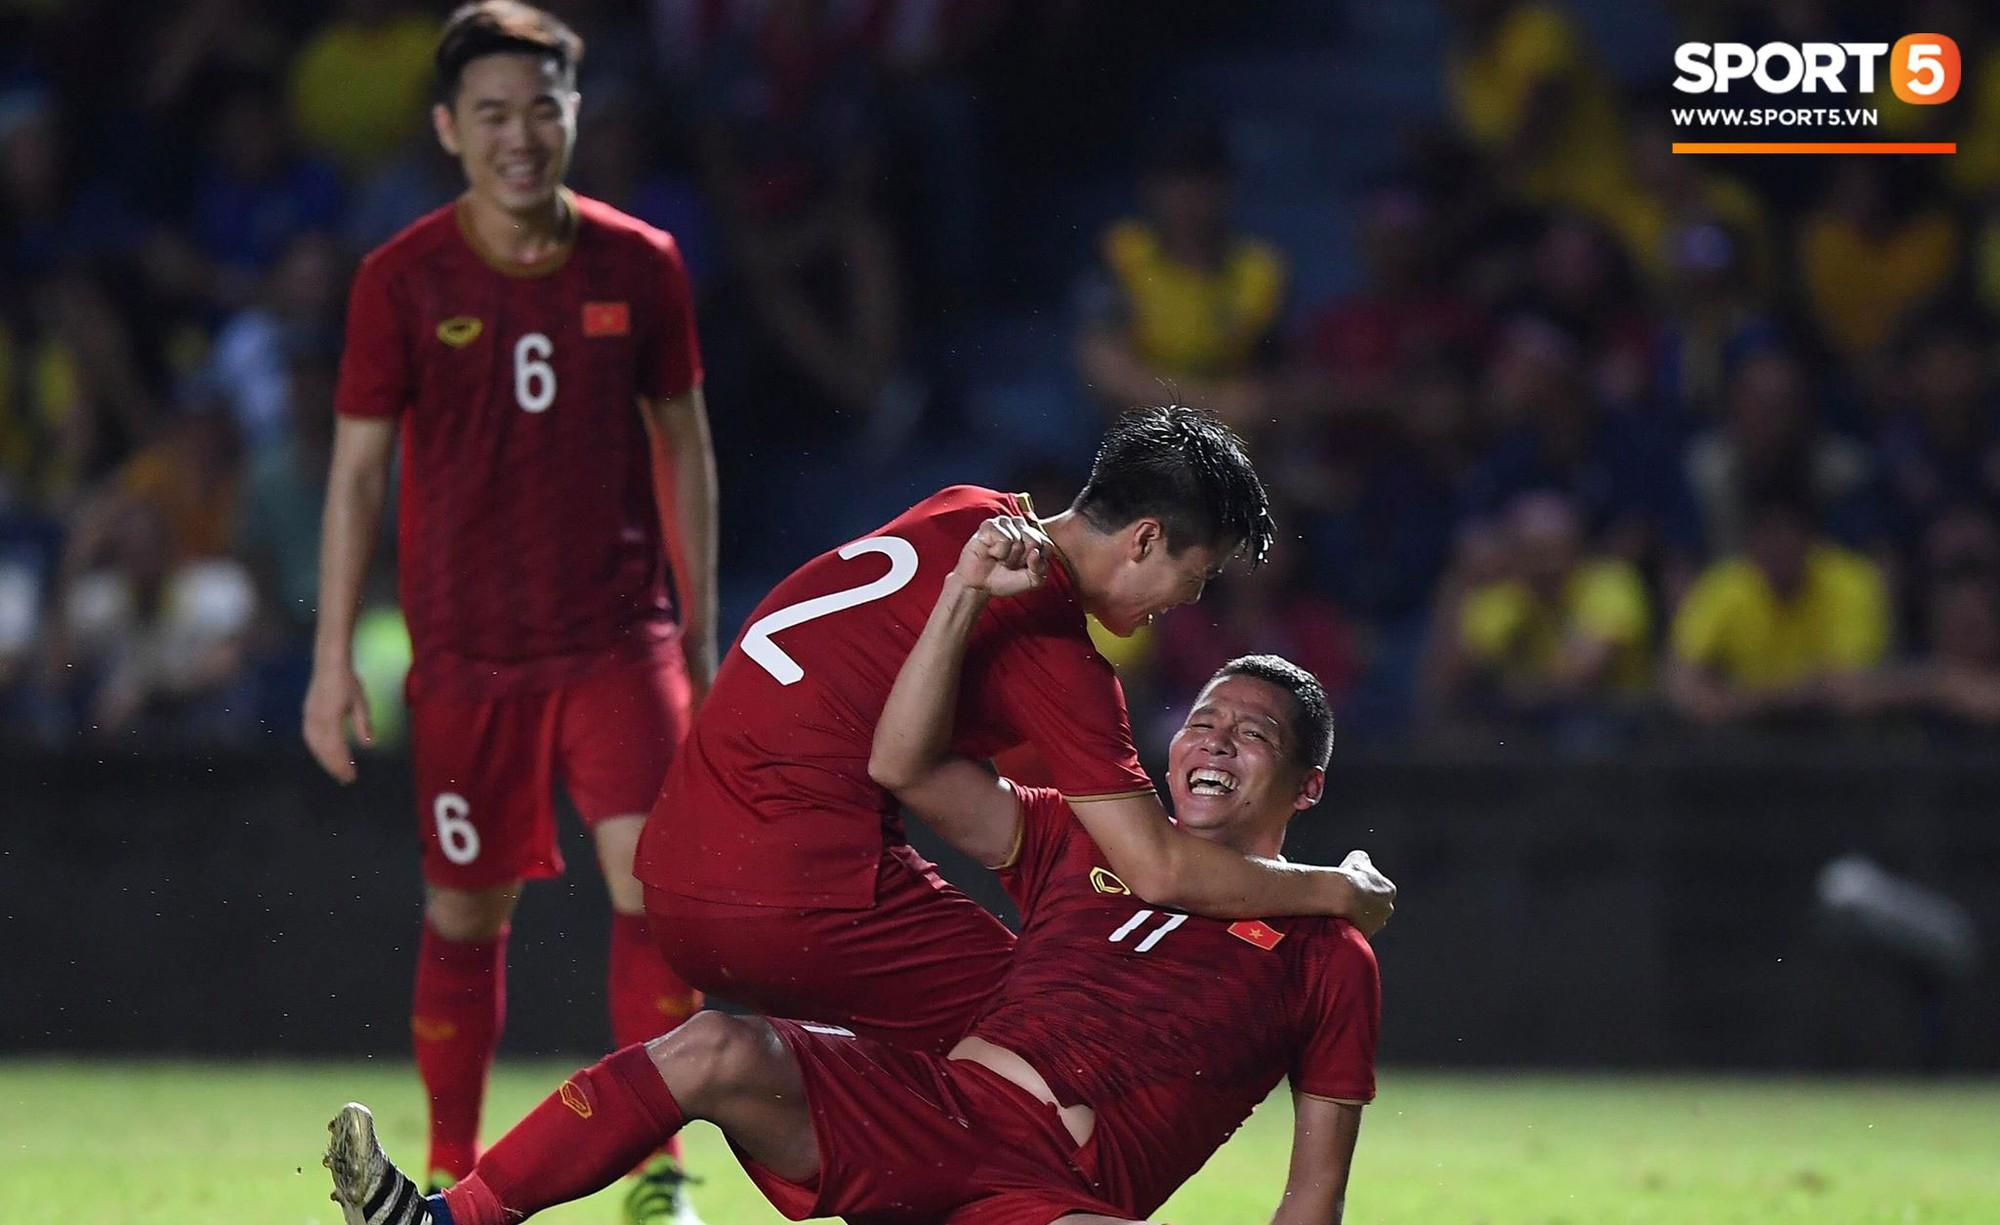 Đội nhà vừa thua mất mặt, báo Thái vẫn tự tin tuyên bố: Gặp Việt Nam tại vòng loại World Cup là dễ chịu nhất - Ảnh 2.